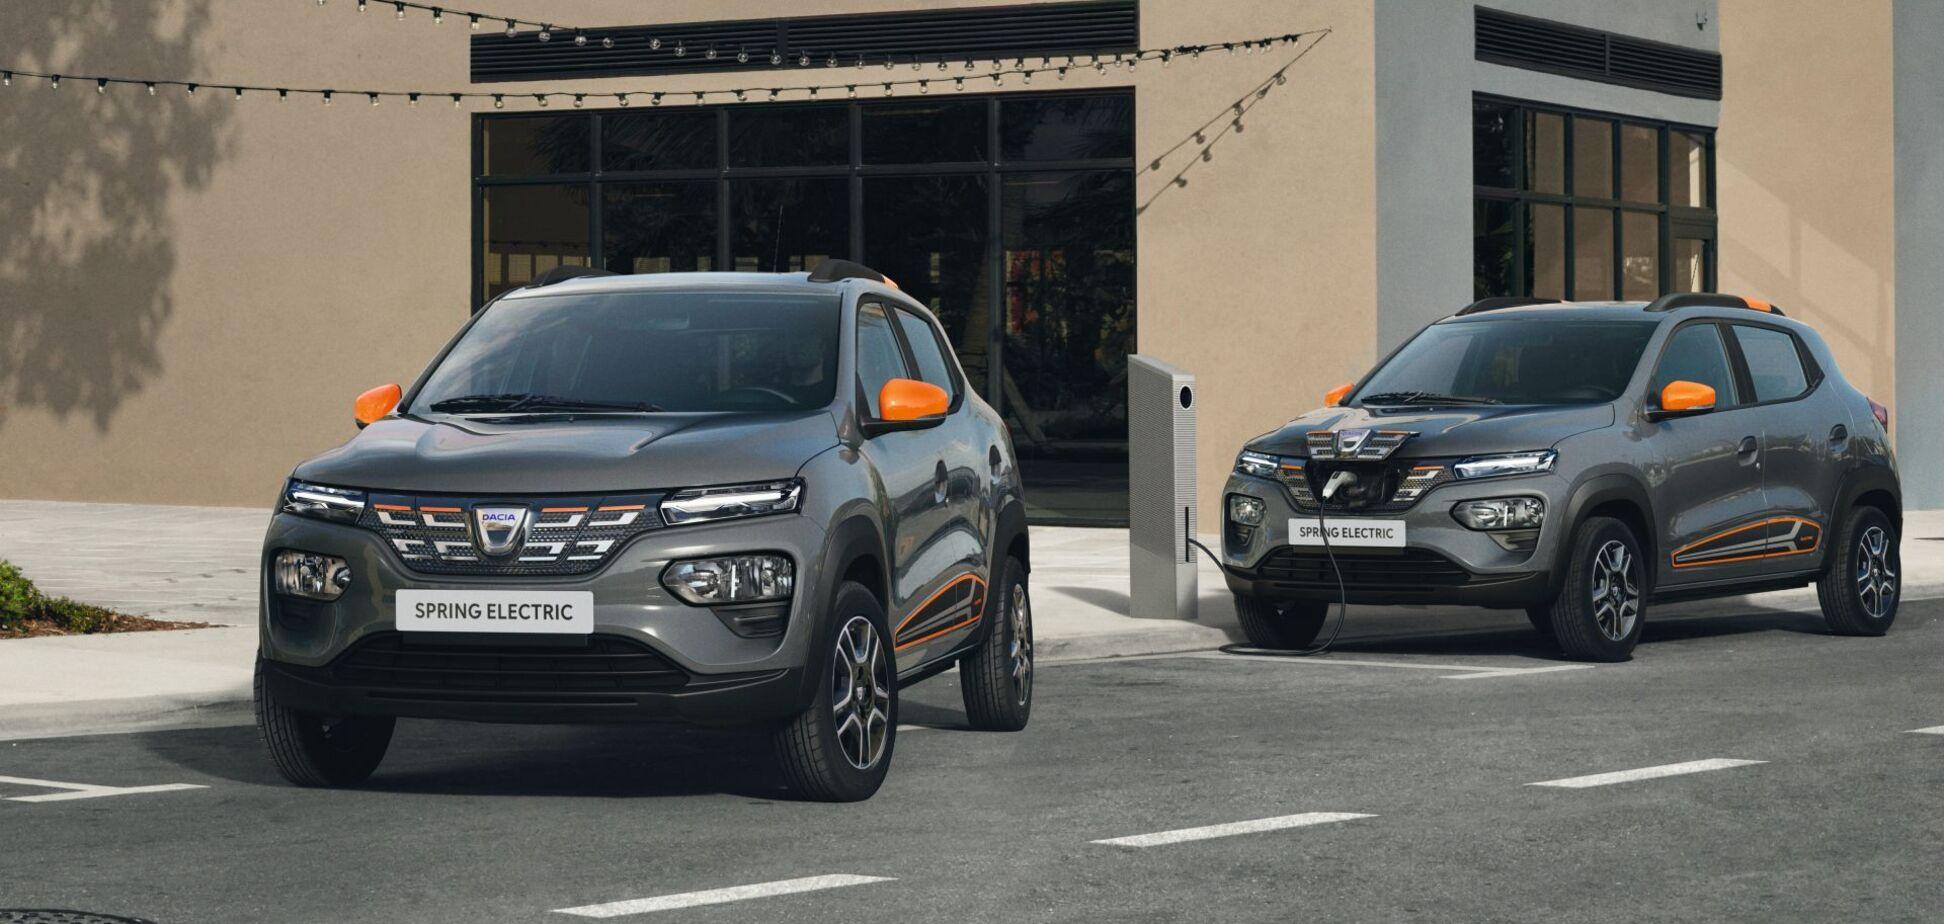 Renault официально представила самый дешевый электромобиль Европы